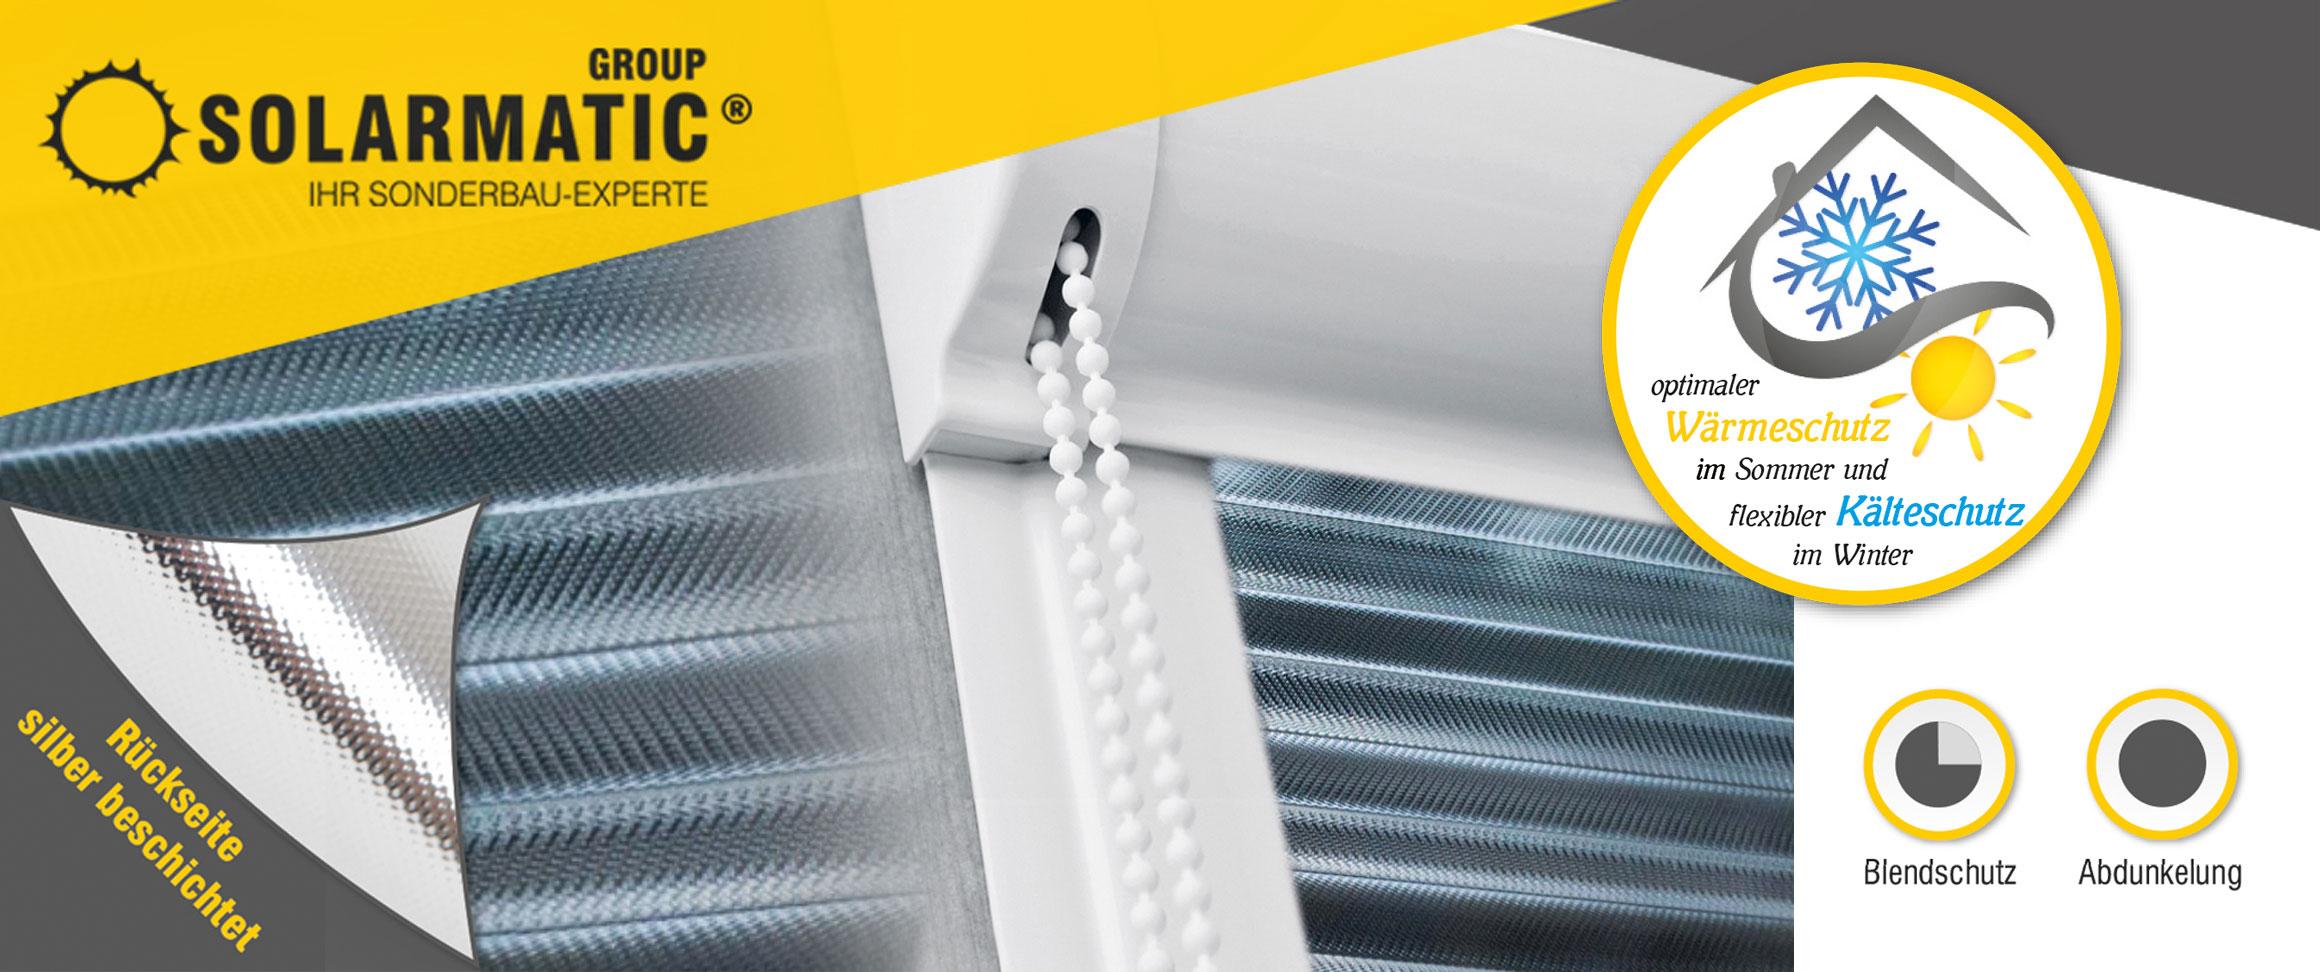 Folienrollos: Hitzeschutz im Sommer und Kälteschutz im Winter